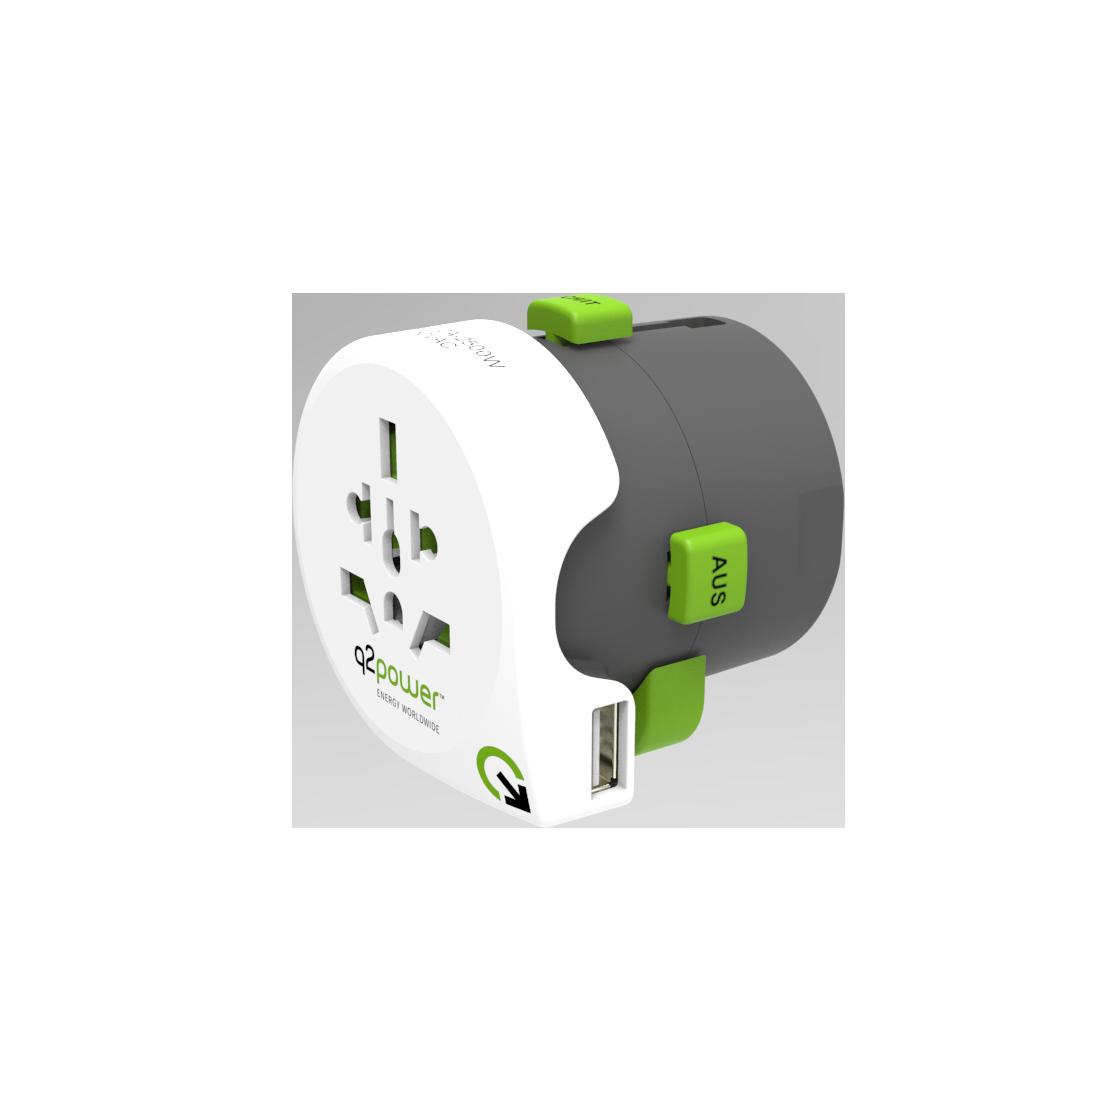 Adaptateur de voyage - q2power Qdapter USB